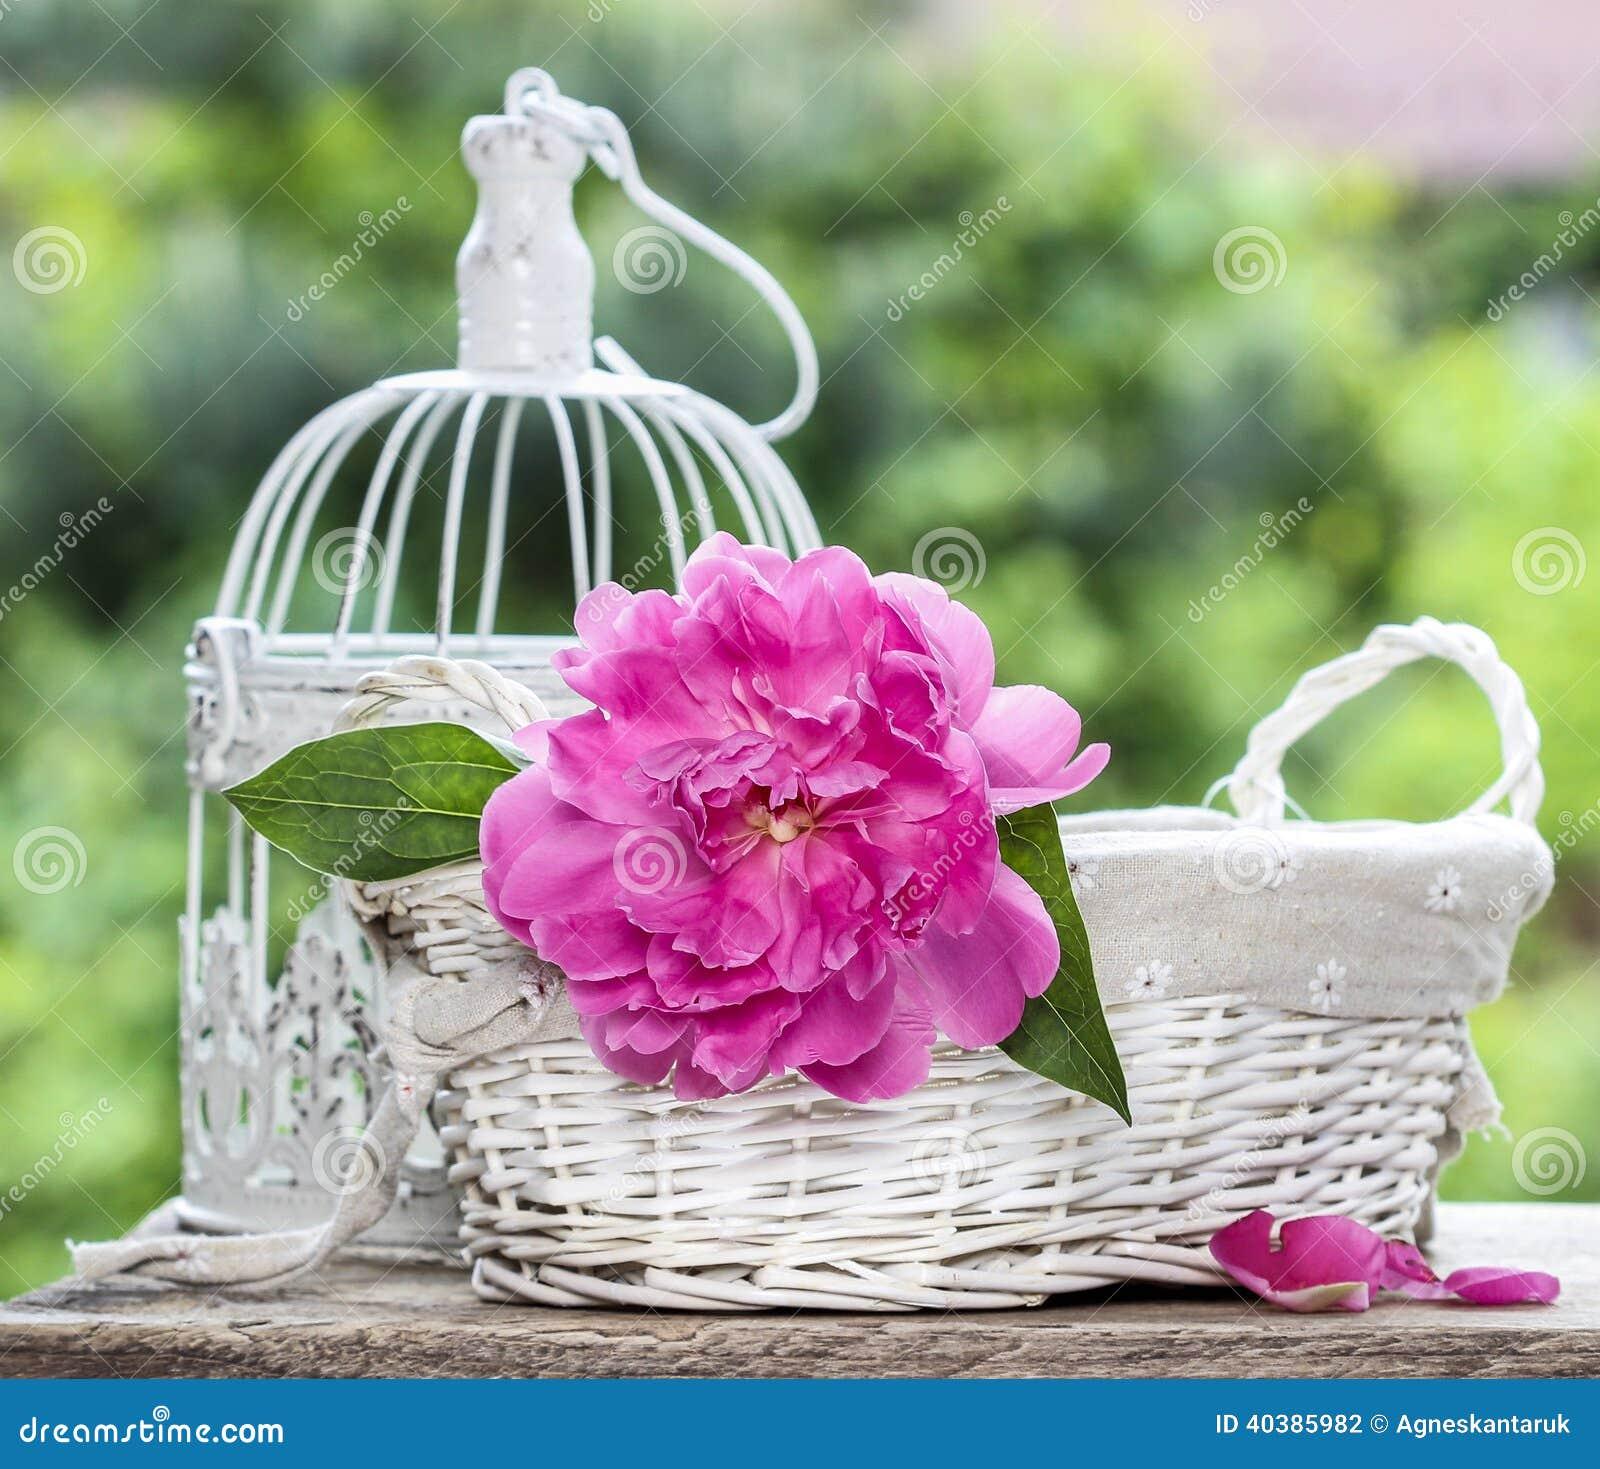 Panier De Fleurs Fraîches : Single pink peony flower in white wicker basket stock